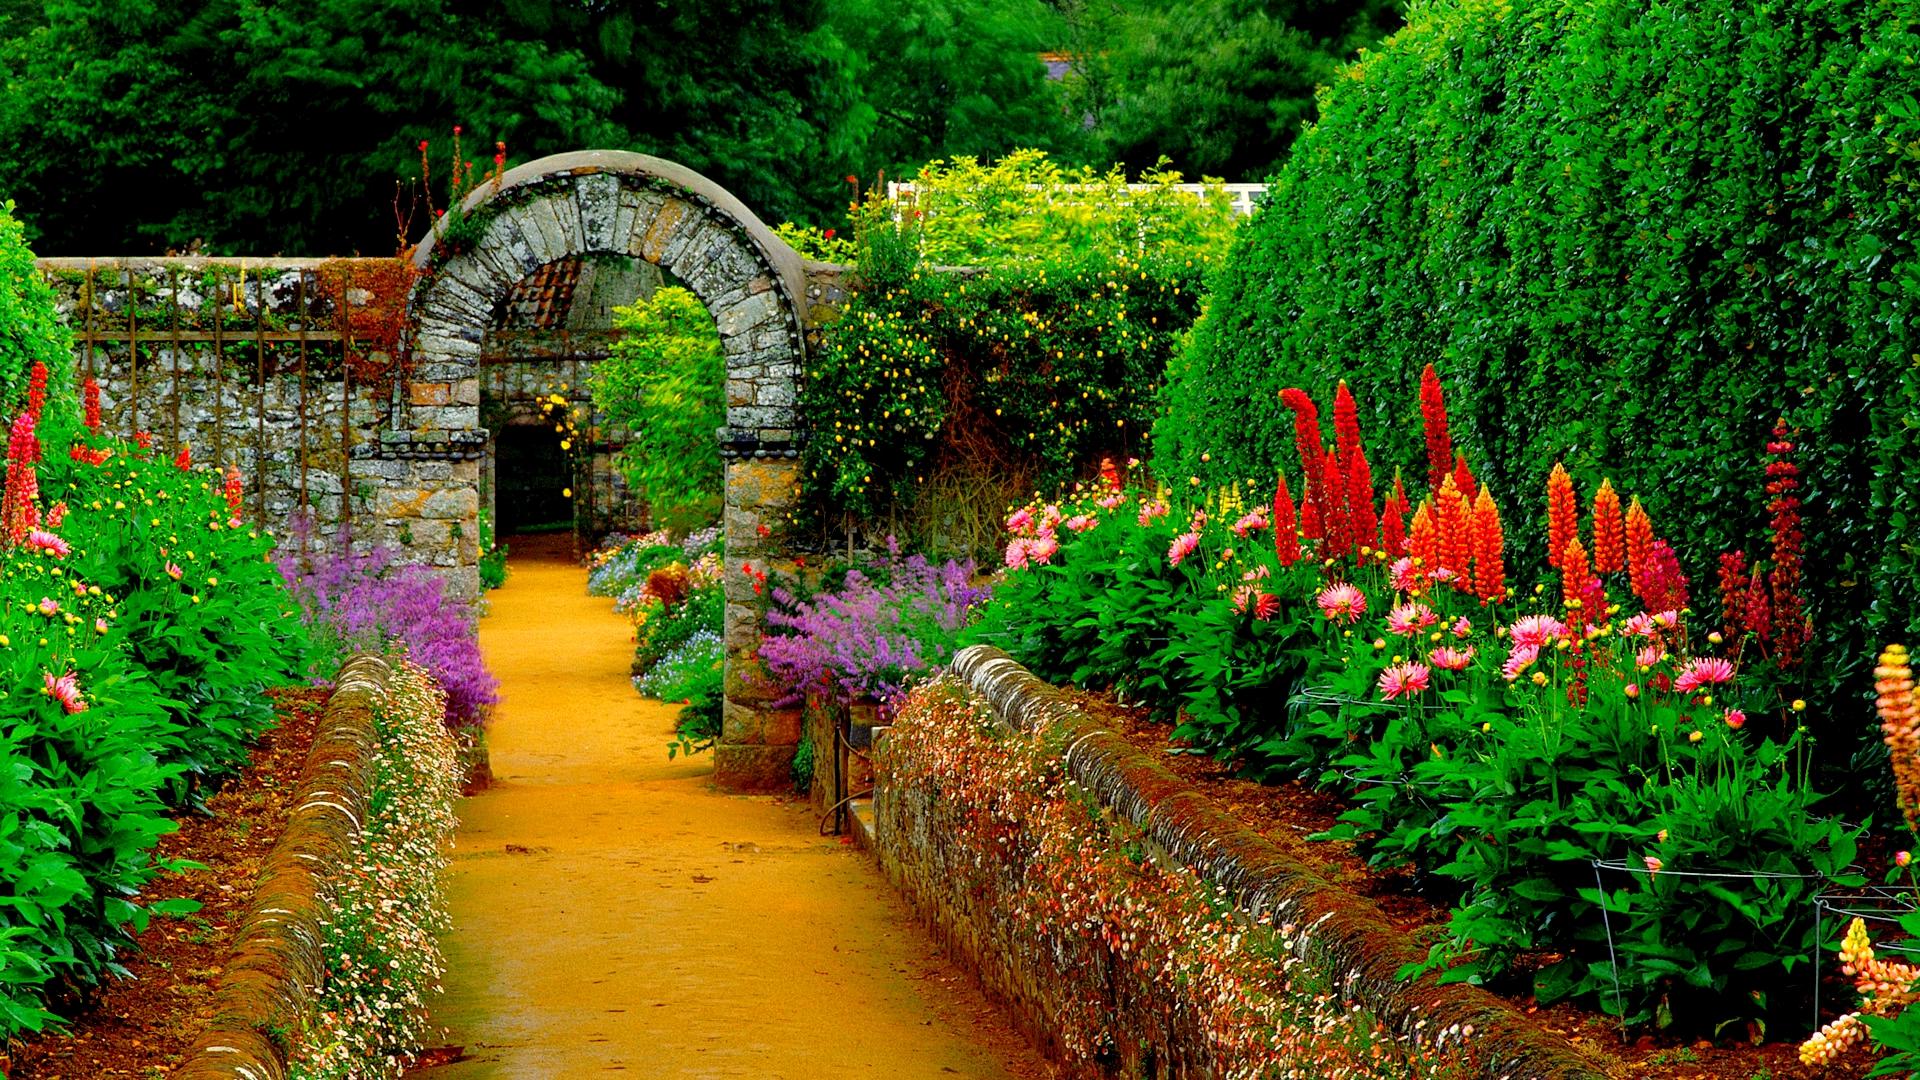 Country gardens wallpaper - Country Garden Wallpaper 1 Design Ideas